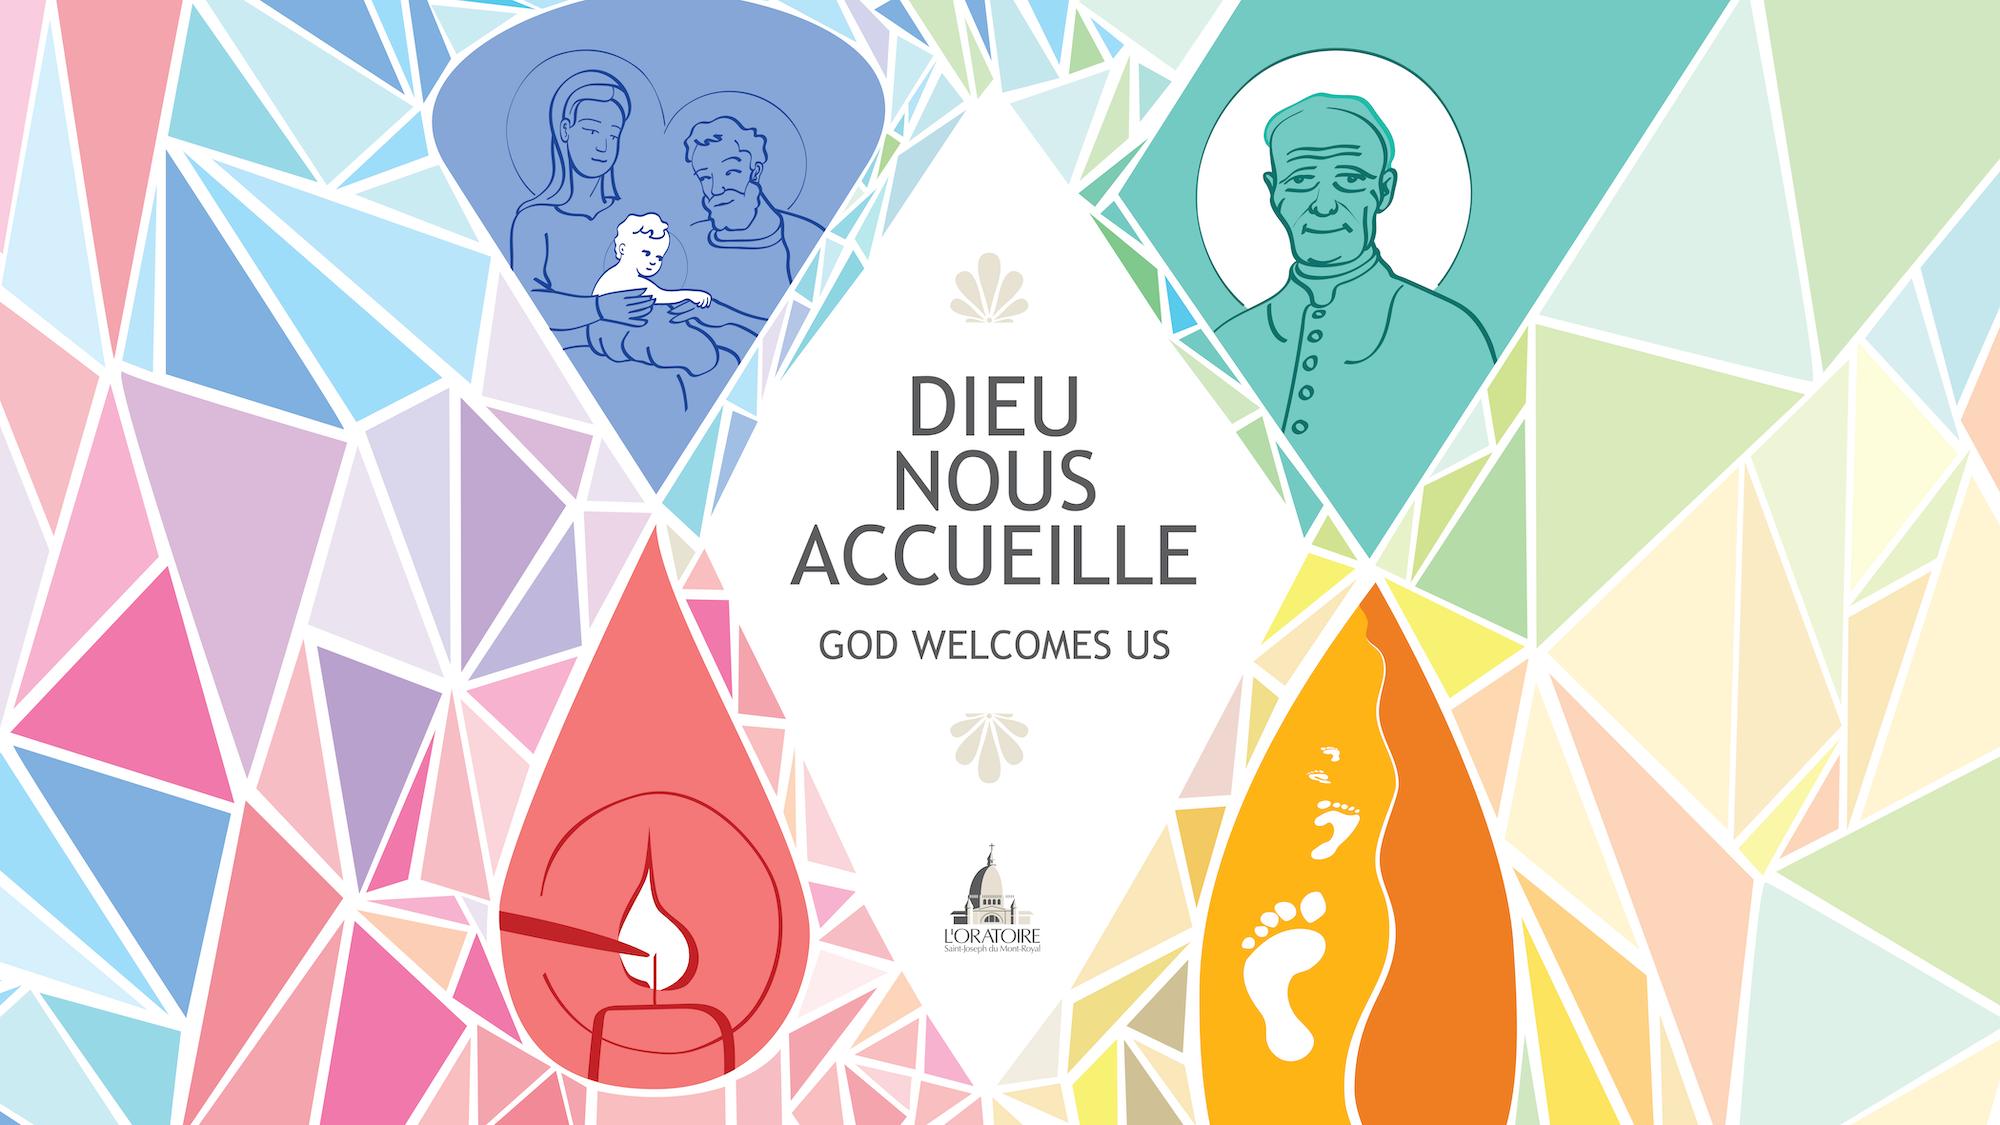 Notre nouveau thème pastoral : Dieu nous accueille